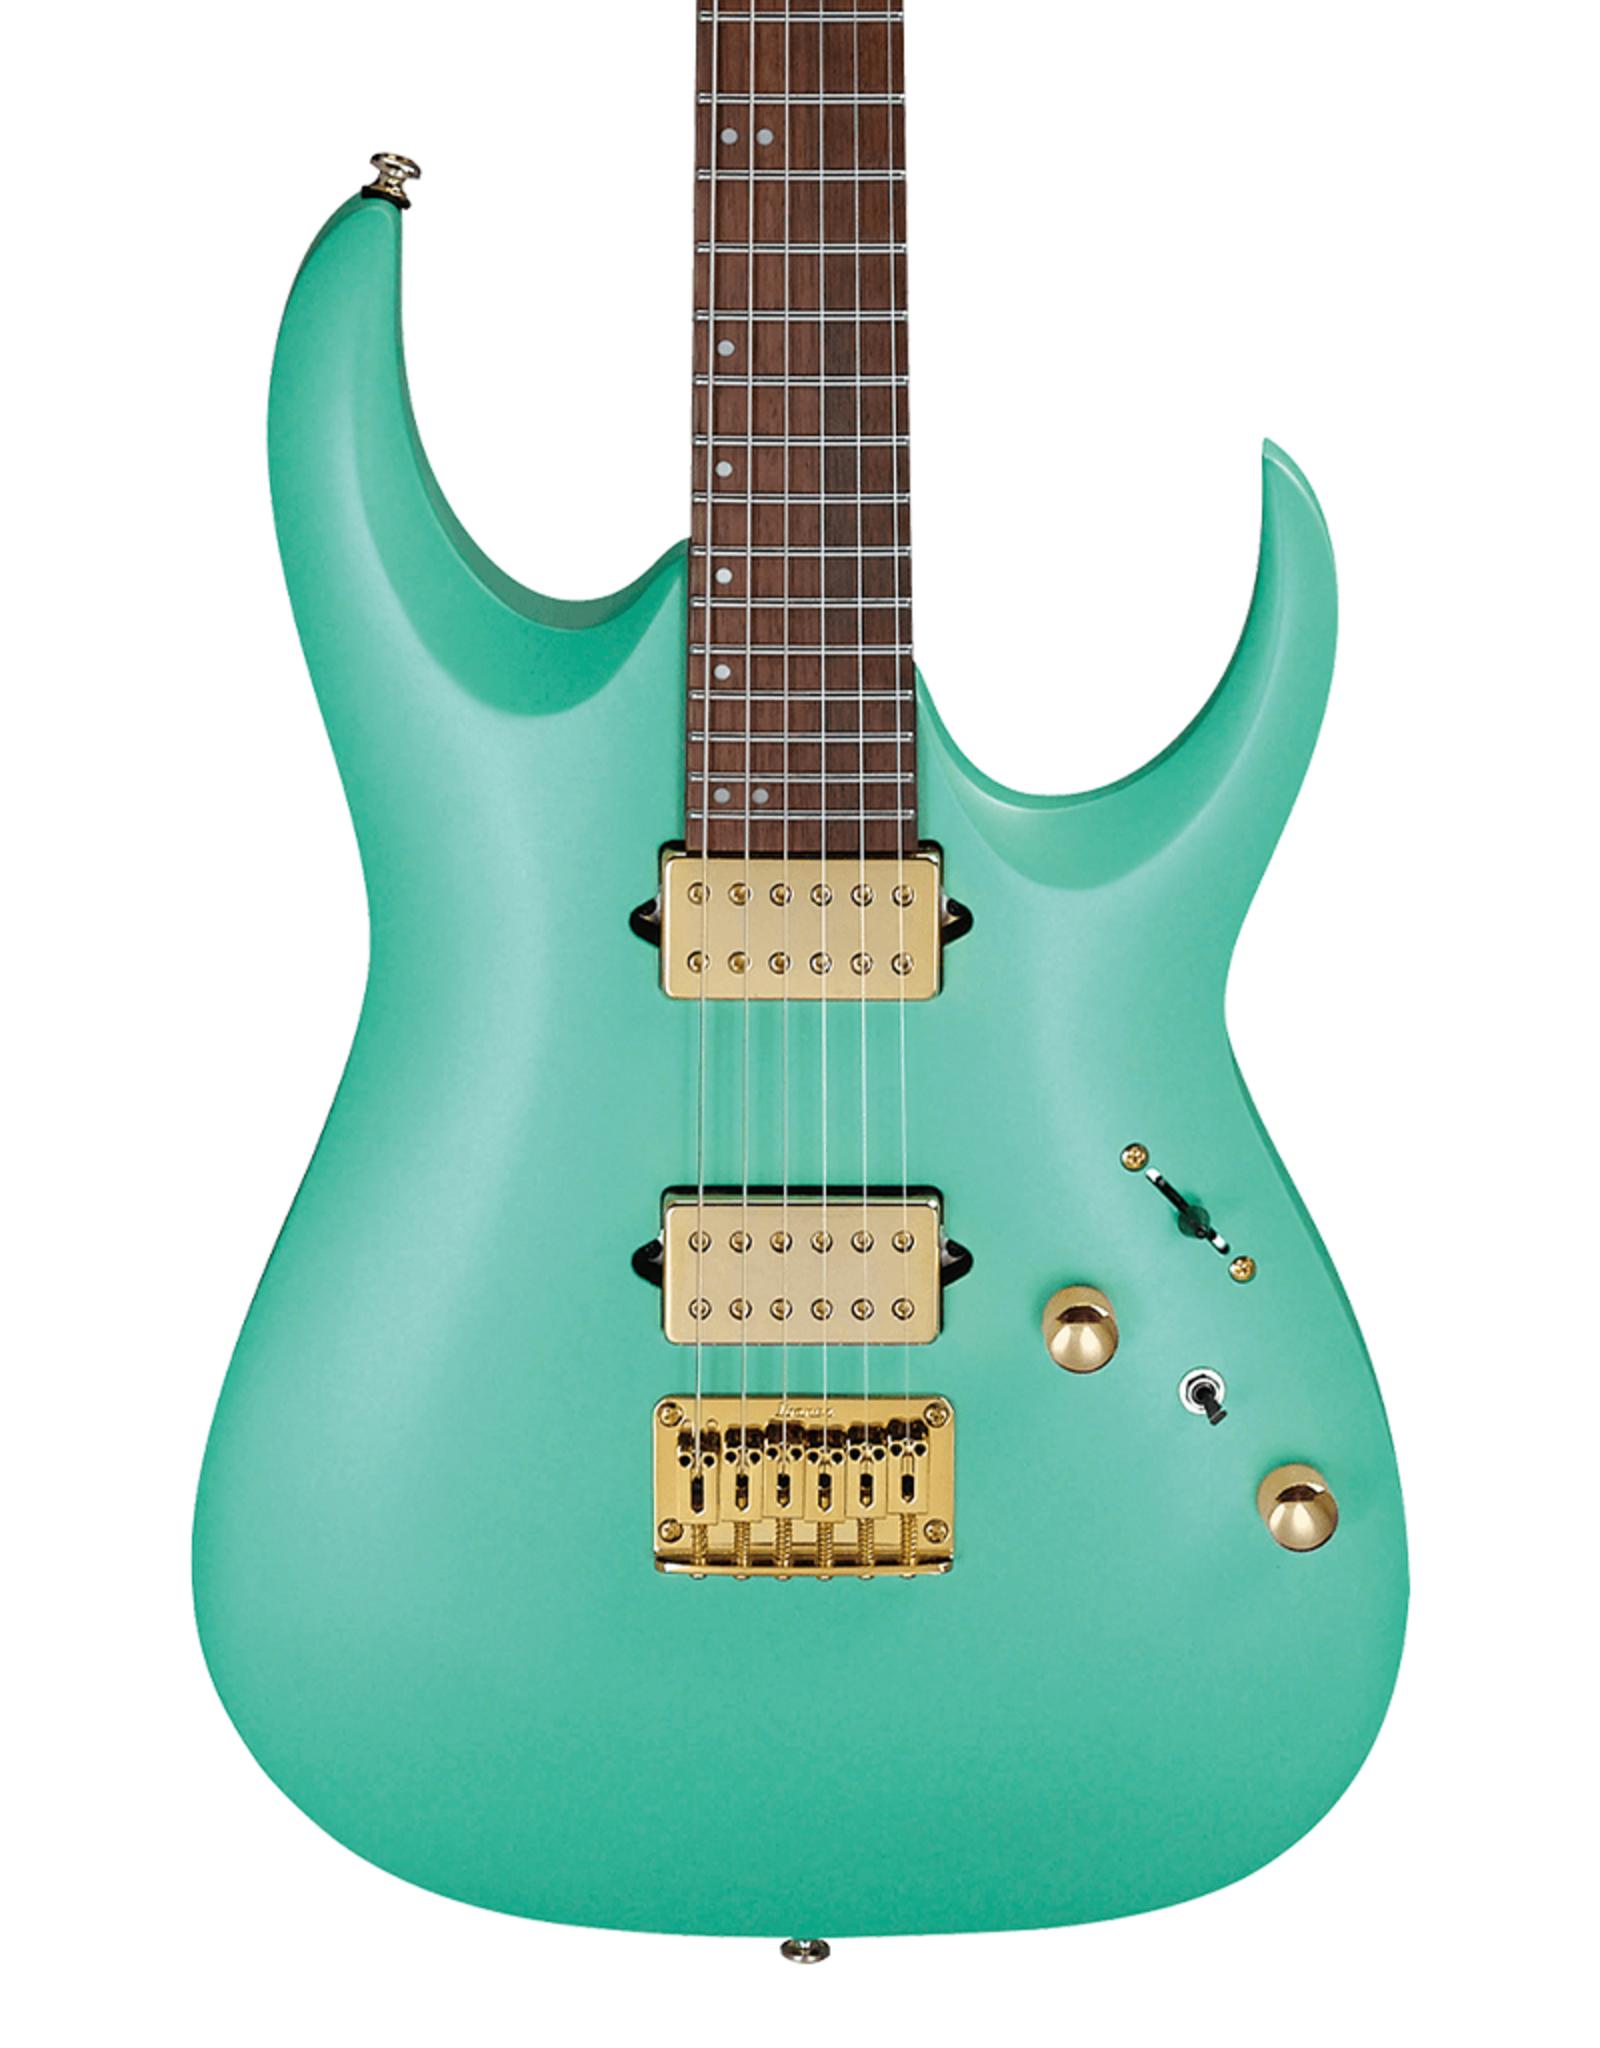 Ibanez RGA42HP Electric Sea Foam Green Guitar